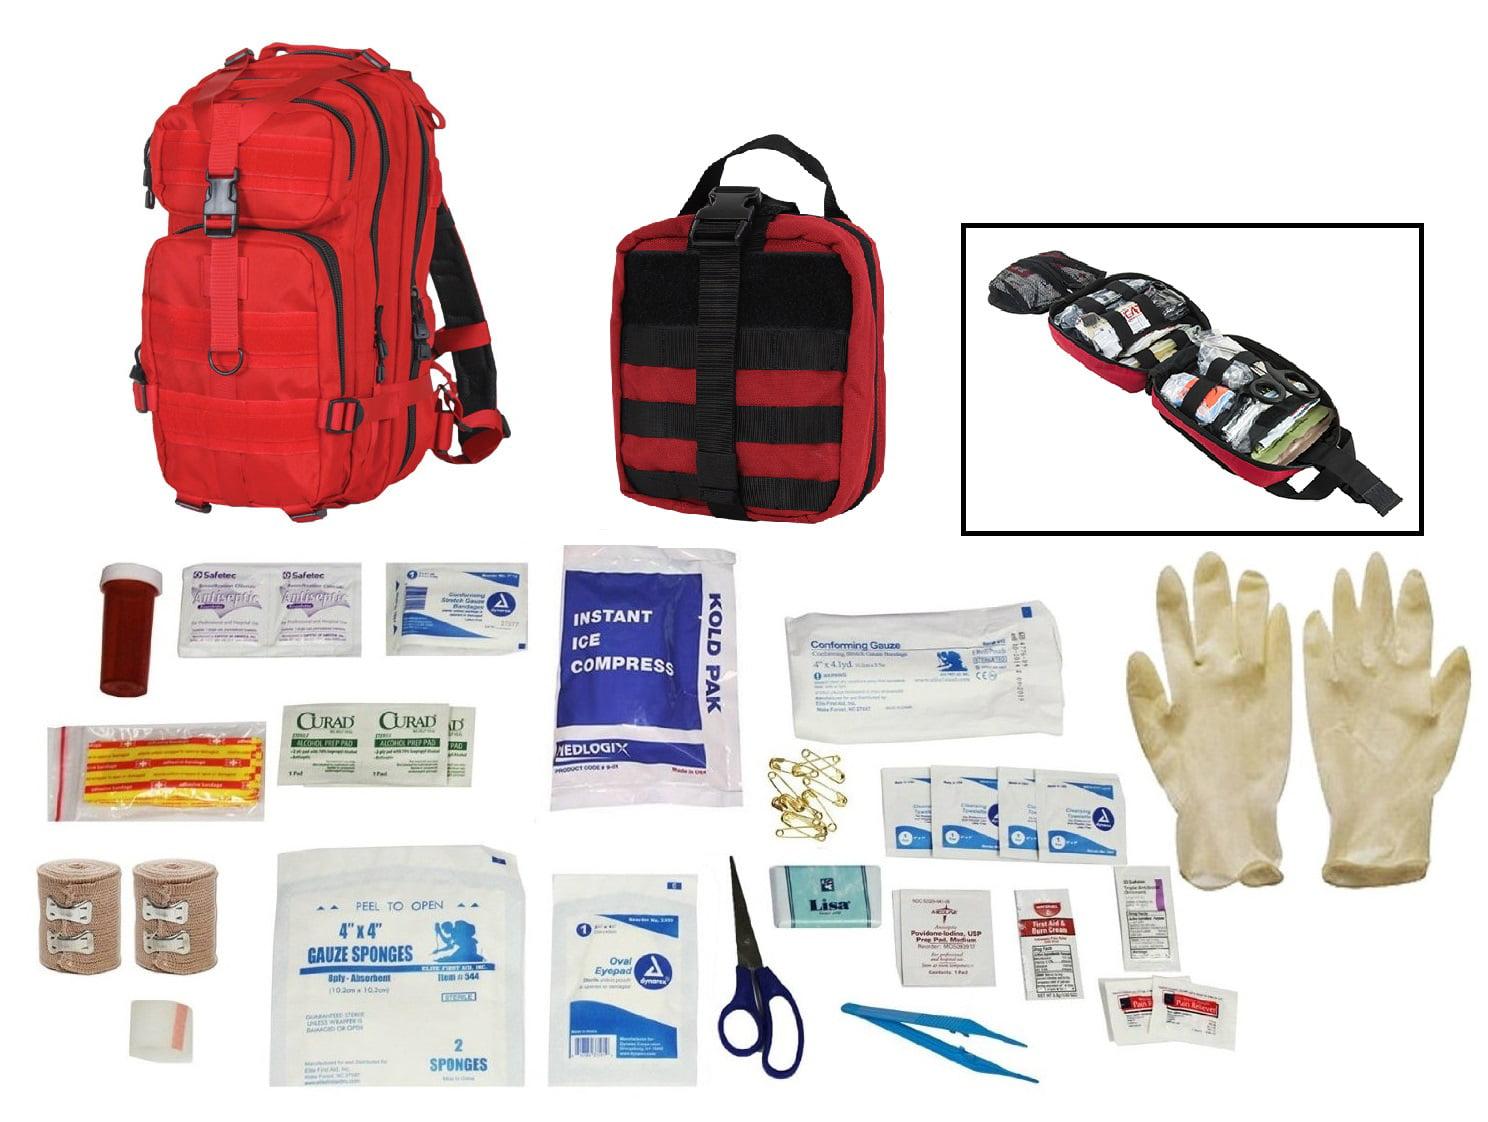 LIUSIYU Tactical/Sac de Taille de Premiers Secours,/ Pochette EMT 1000D Molle M/édical Pochette en Nylon de Sac m/édical auxiliaire de Sac de Taille de Paquet daccessoire m/édical